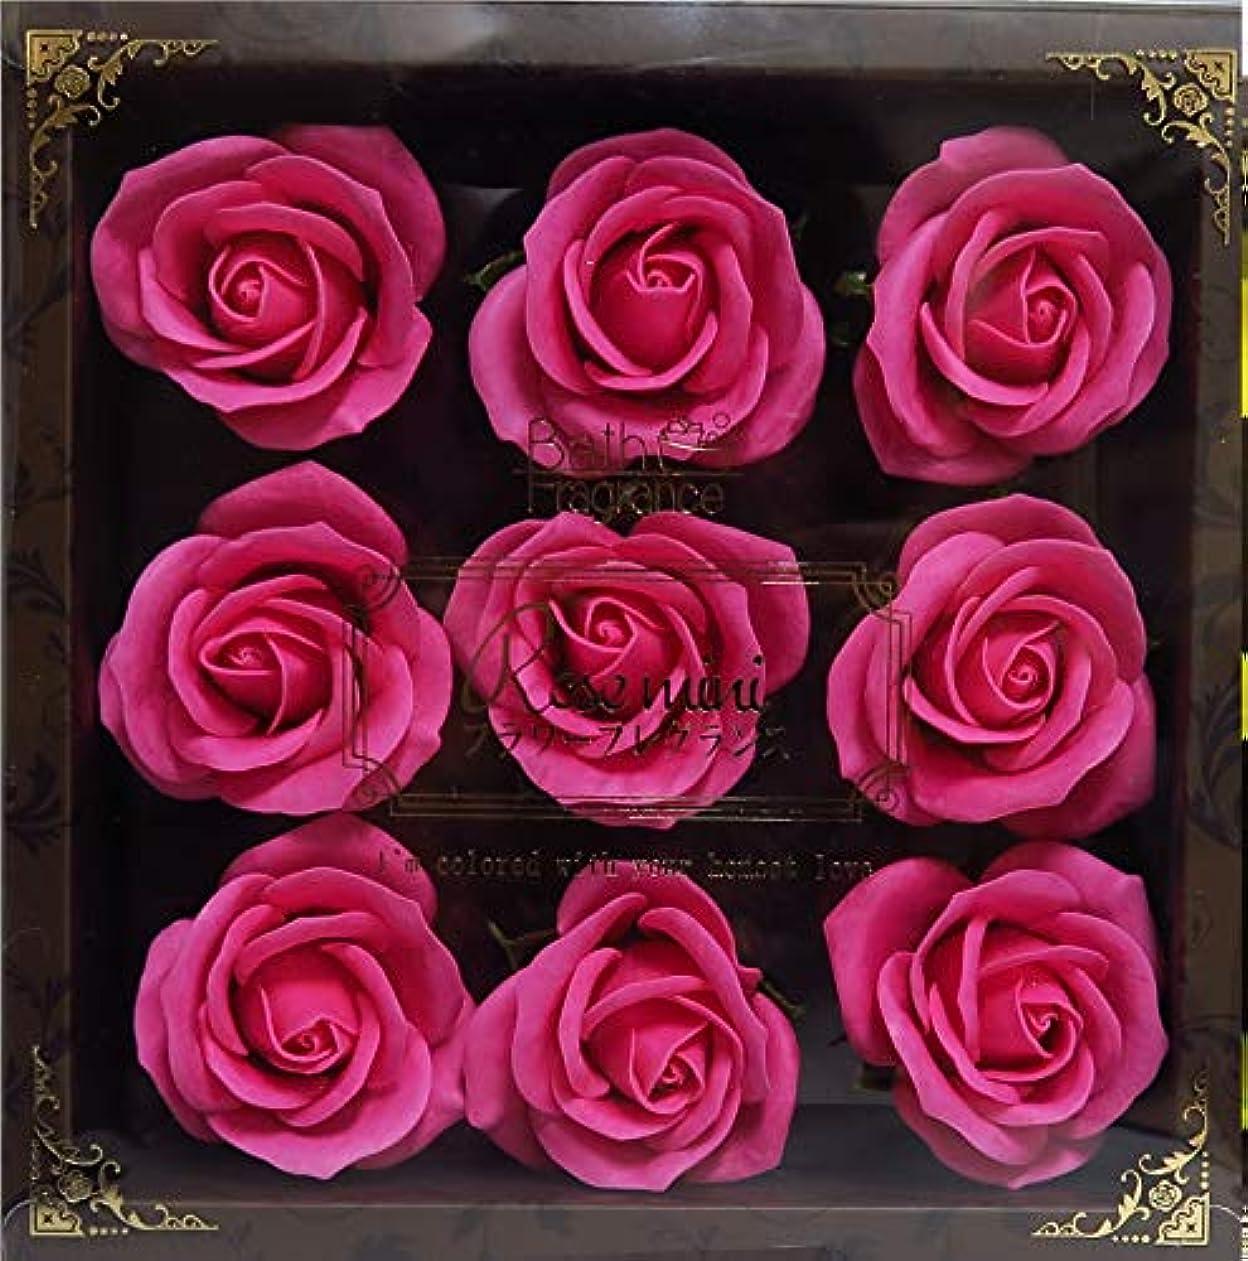 モーターシェルター船員バスフレグランス バスフラワー ミニローズフレグランス(L)ローズピンク お花の形の入浴剤